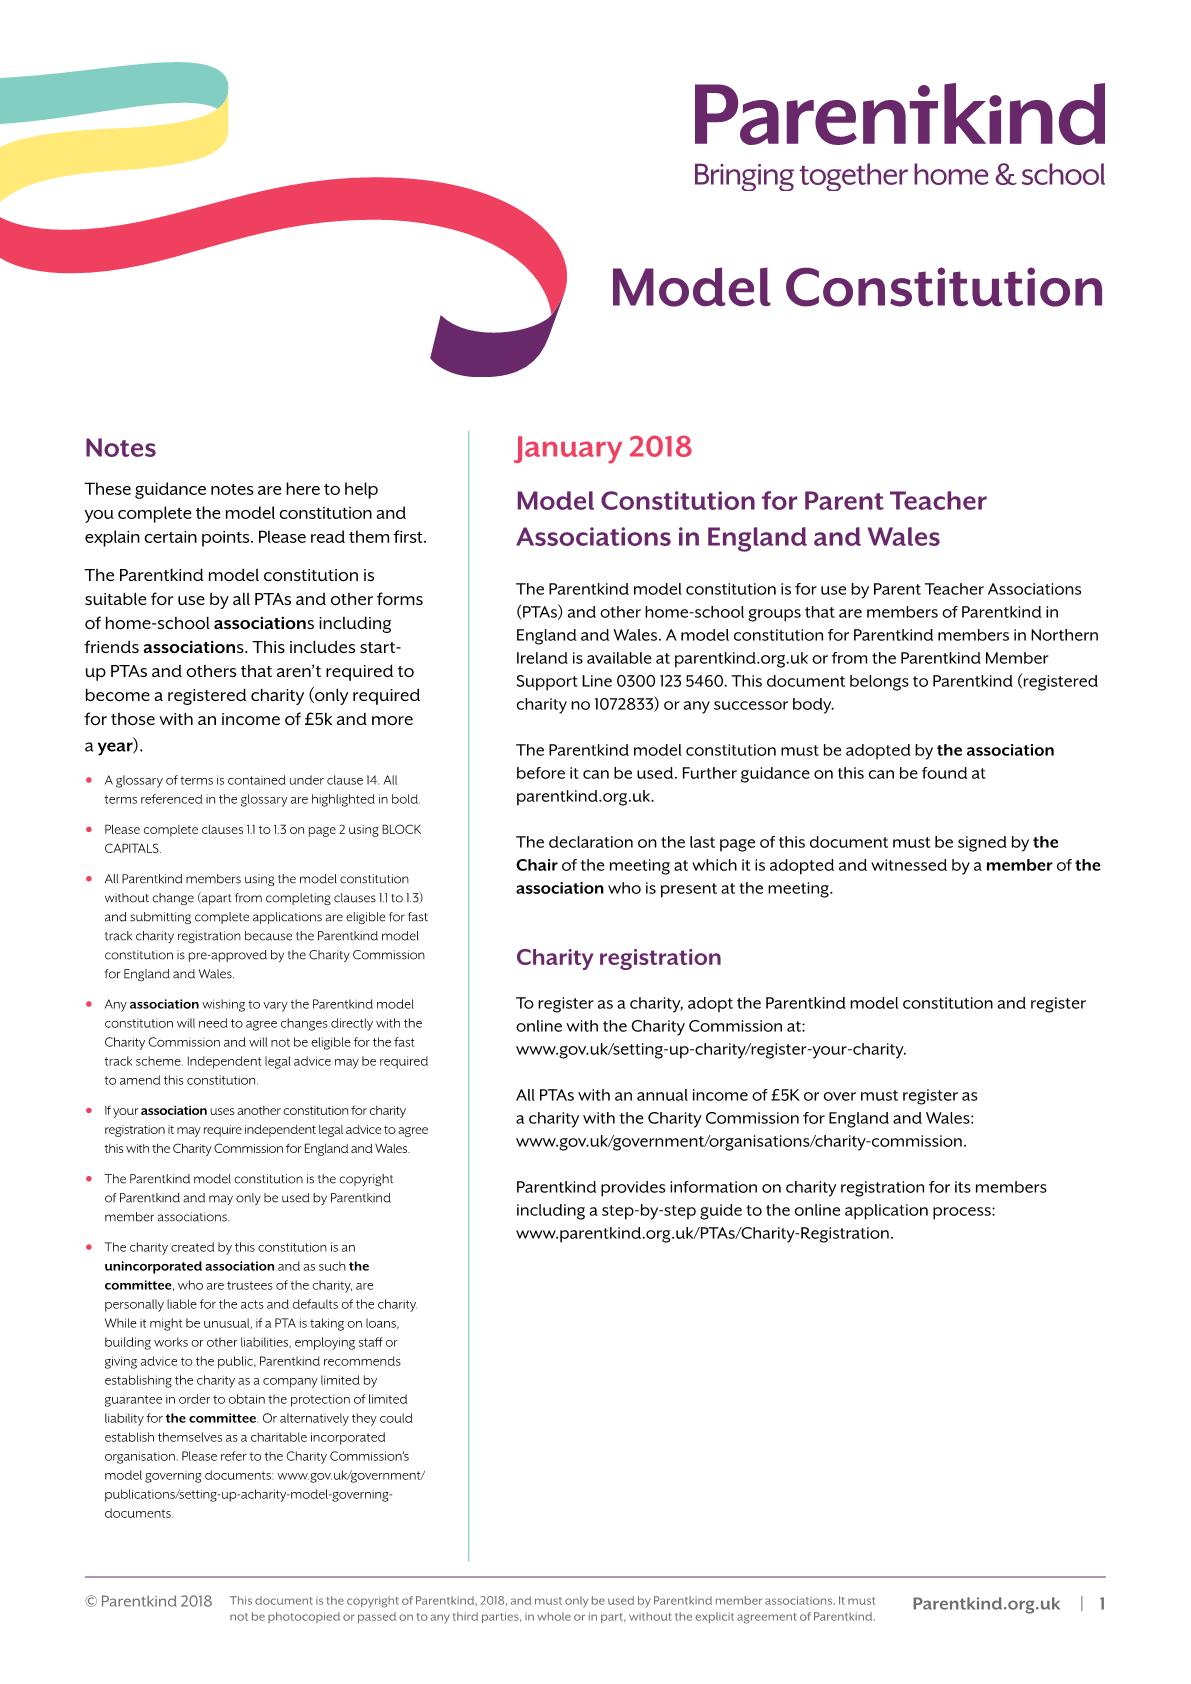 Current Model Constitution